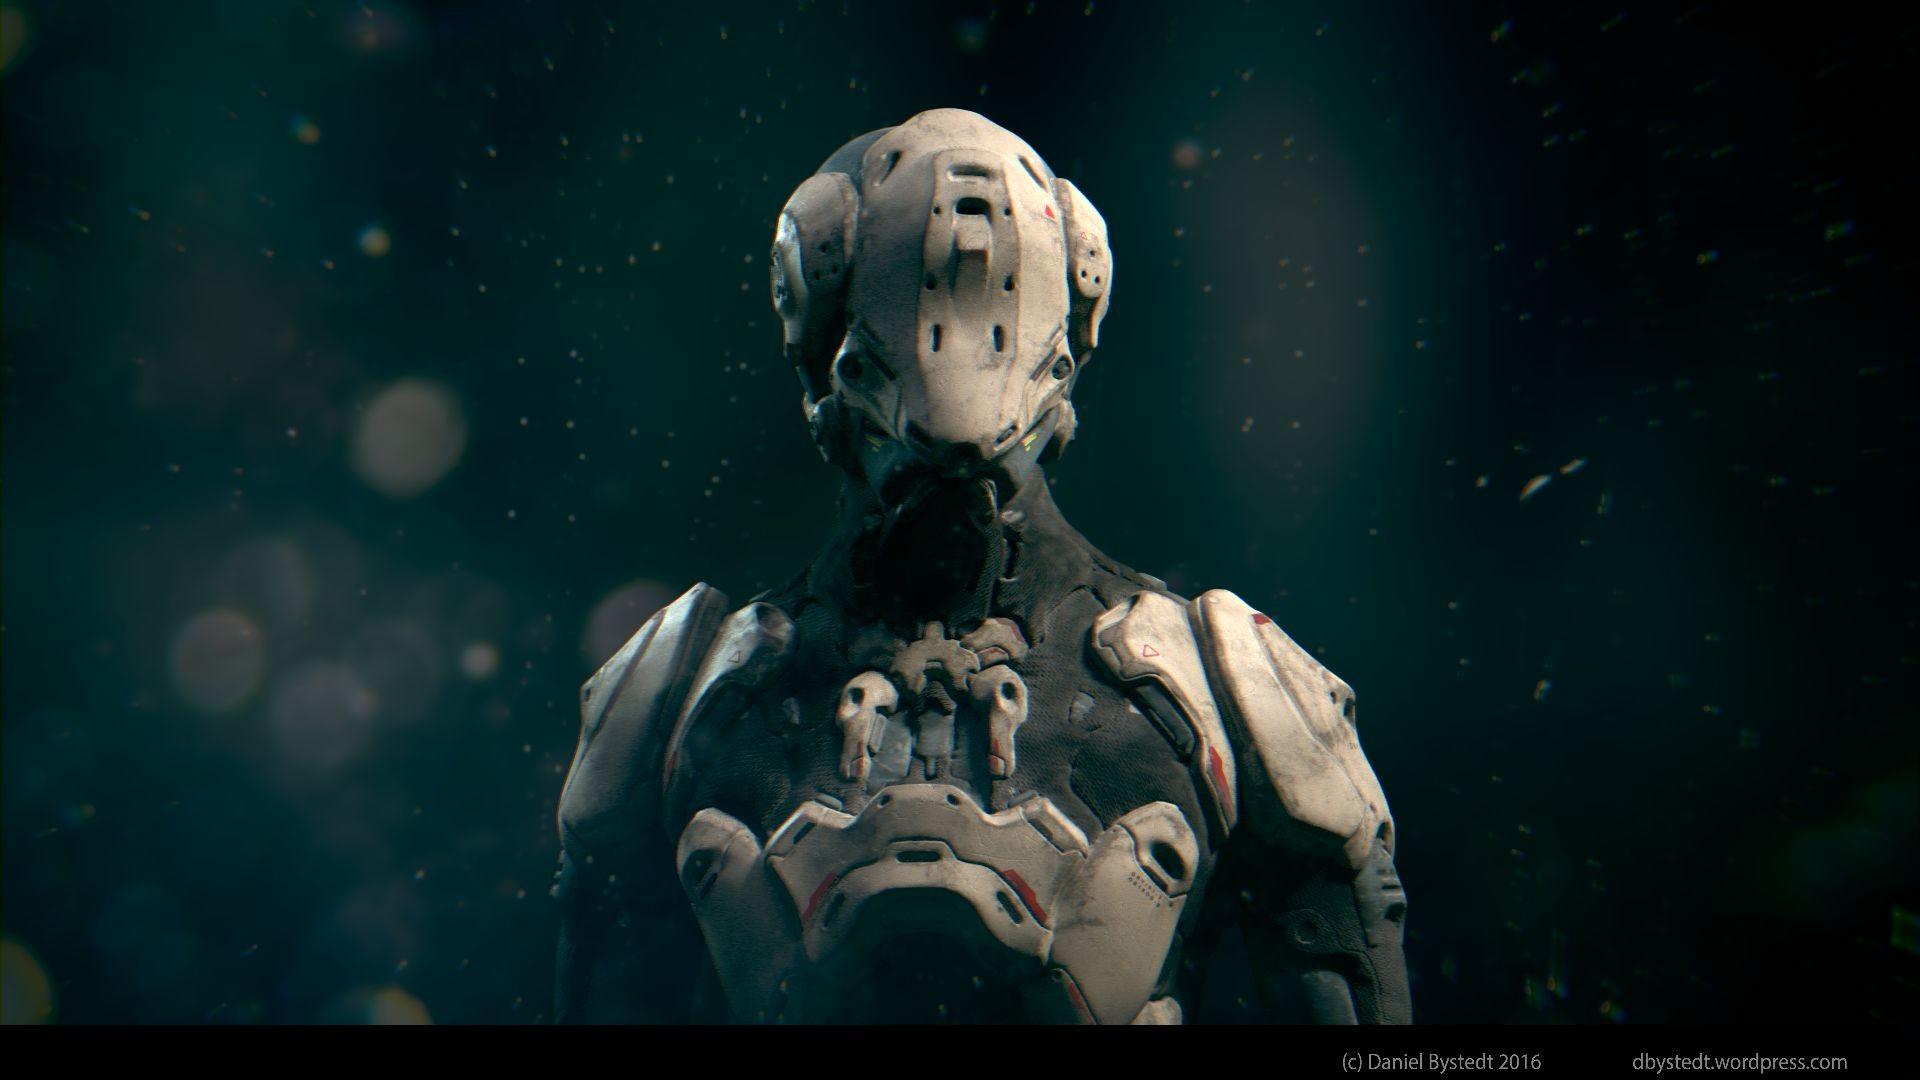 Daniel bystedt robot composite0001